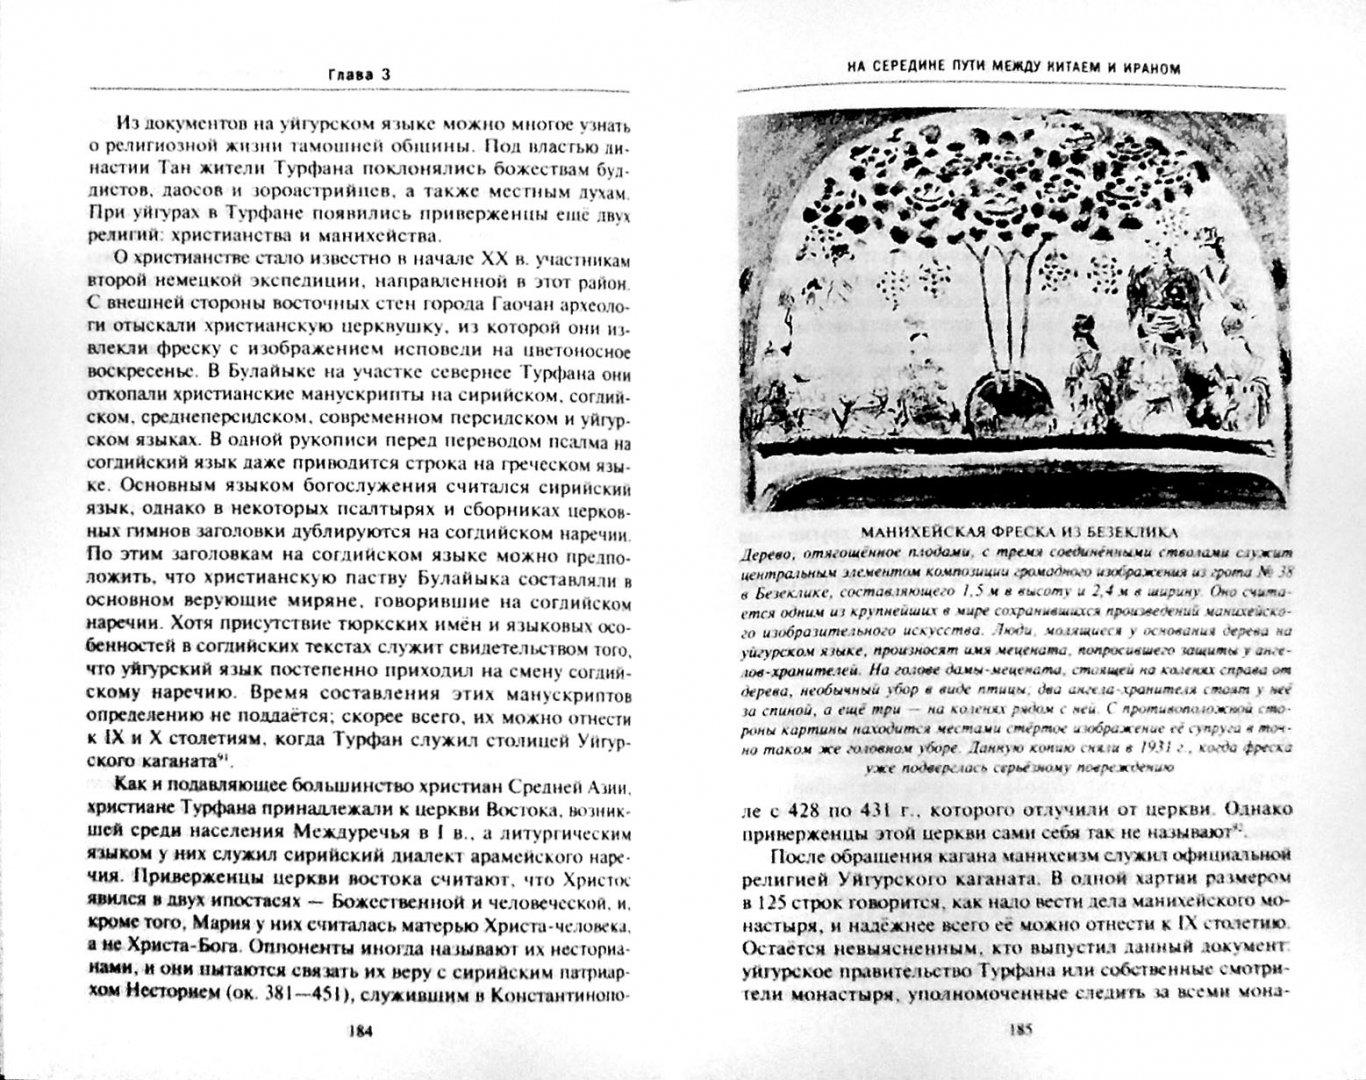 Иллюстрация 1 из 9 для Великий шелковый путь. Торговые маршруты через Среднюю Азию. Китай - Согдиана - Персия - Левант - Валери Хансен | Лабиринт - книги. Источник: Лабиринт